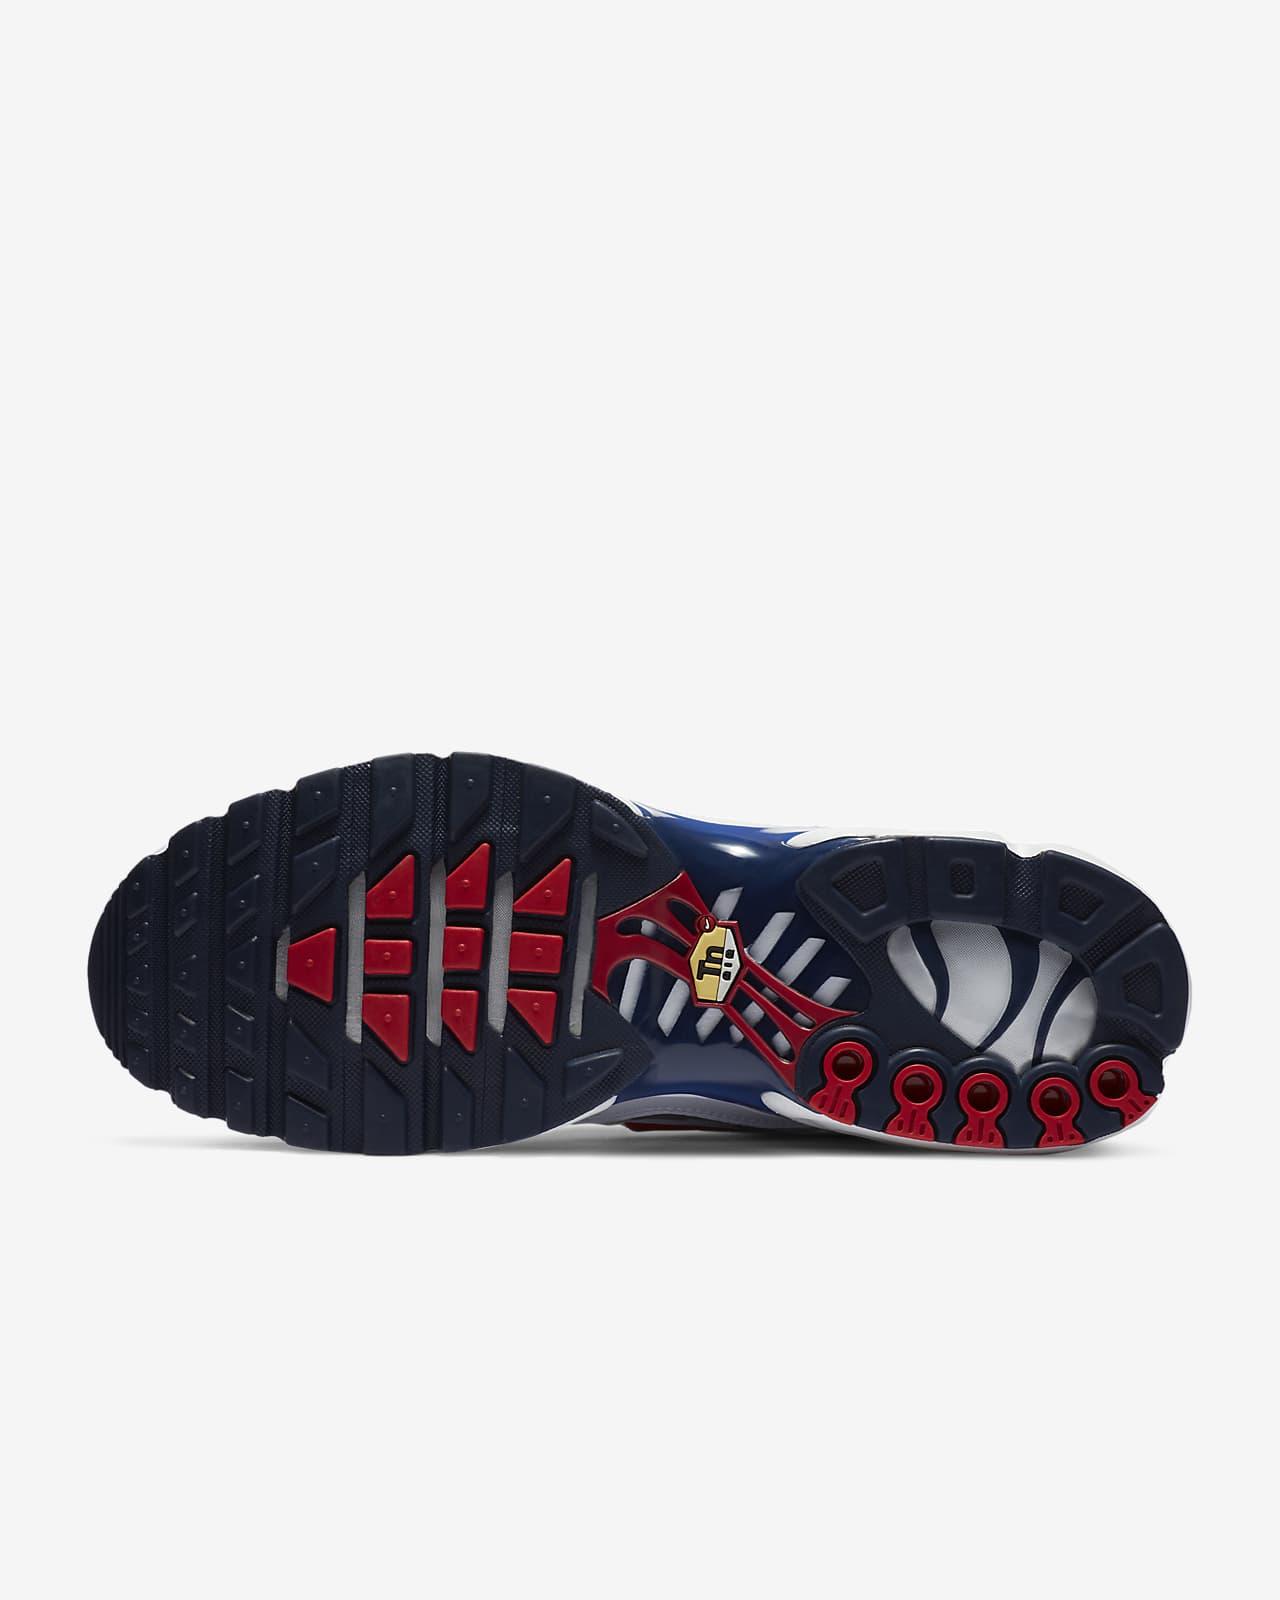 chaussure de nike air max